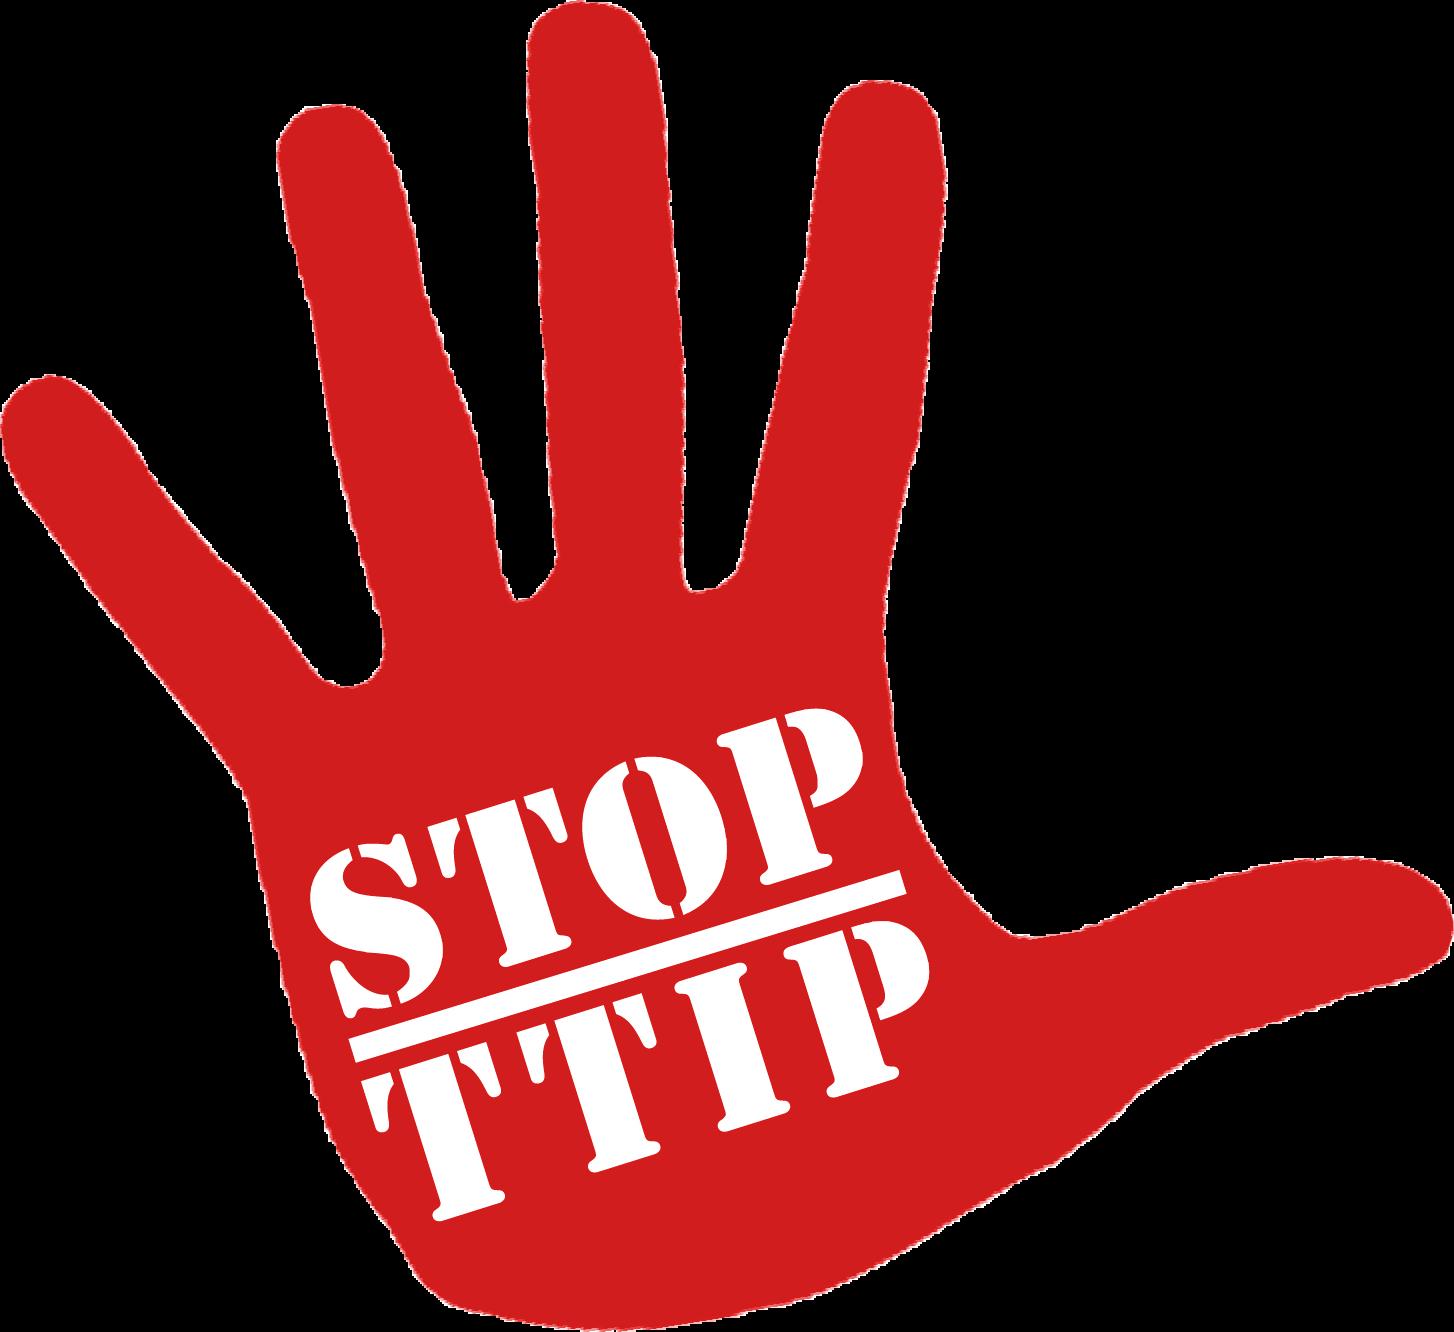 Un acuerdo comercial que vulnera los derechos de los ciudadanos